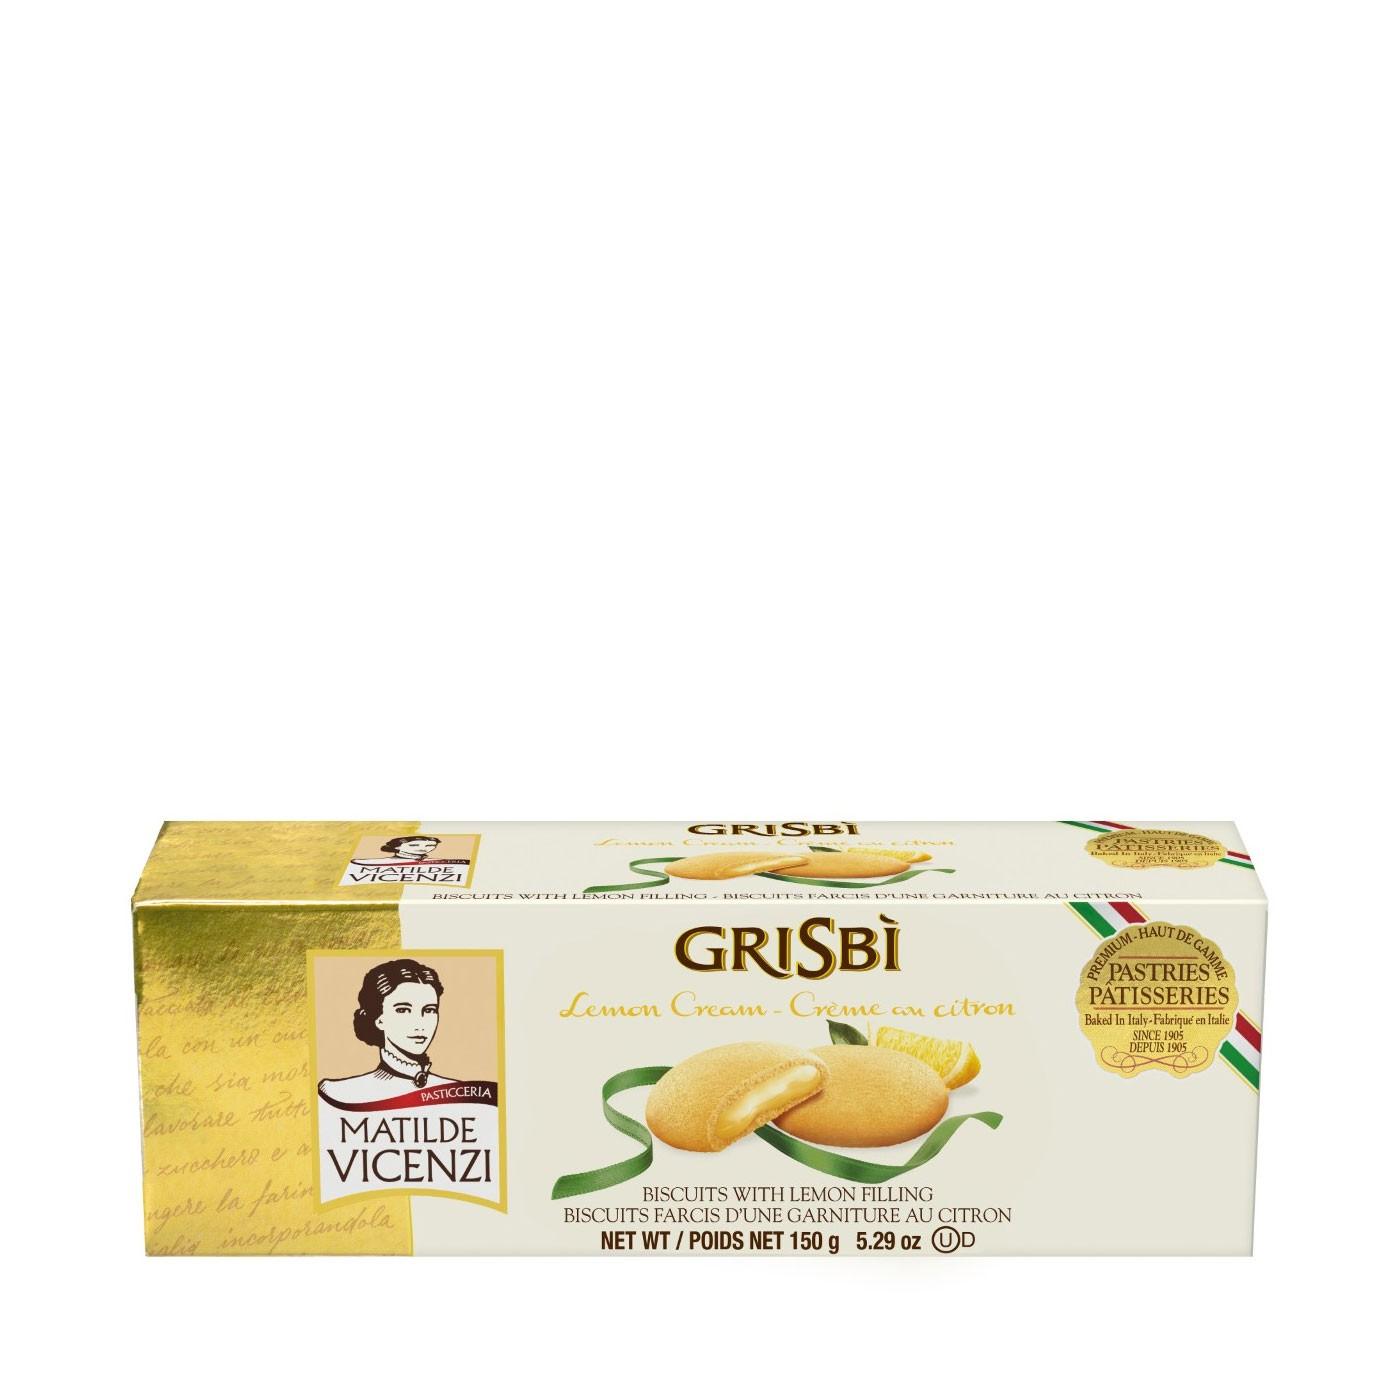 Grisbì Lemon-Filled Cookies 5.3oz